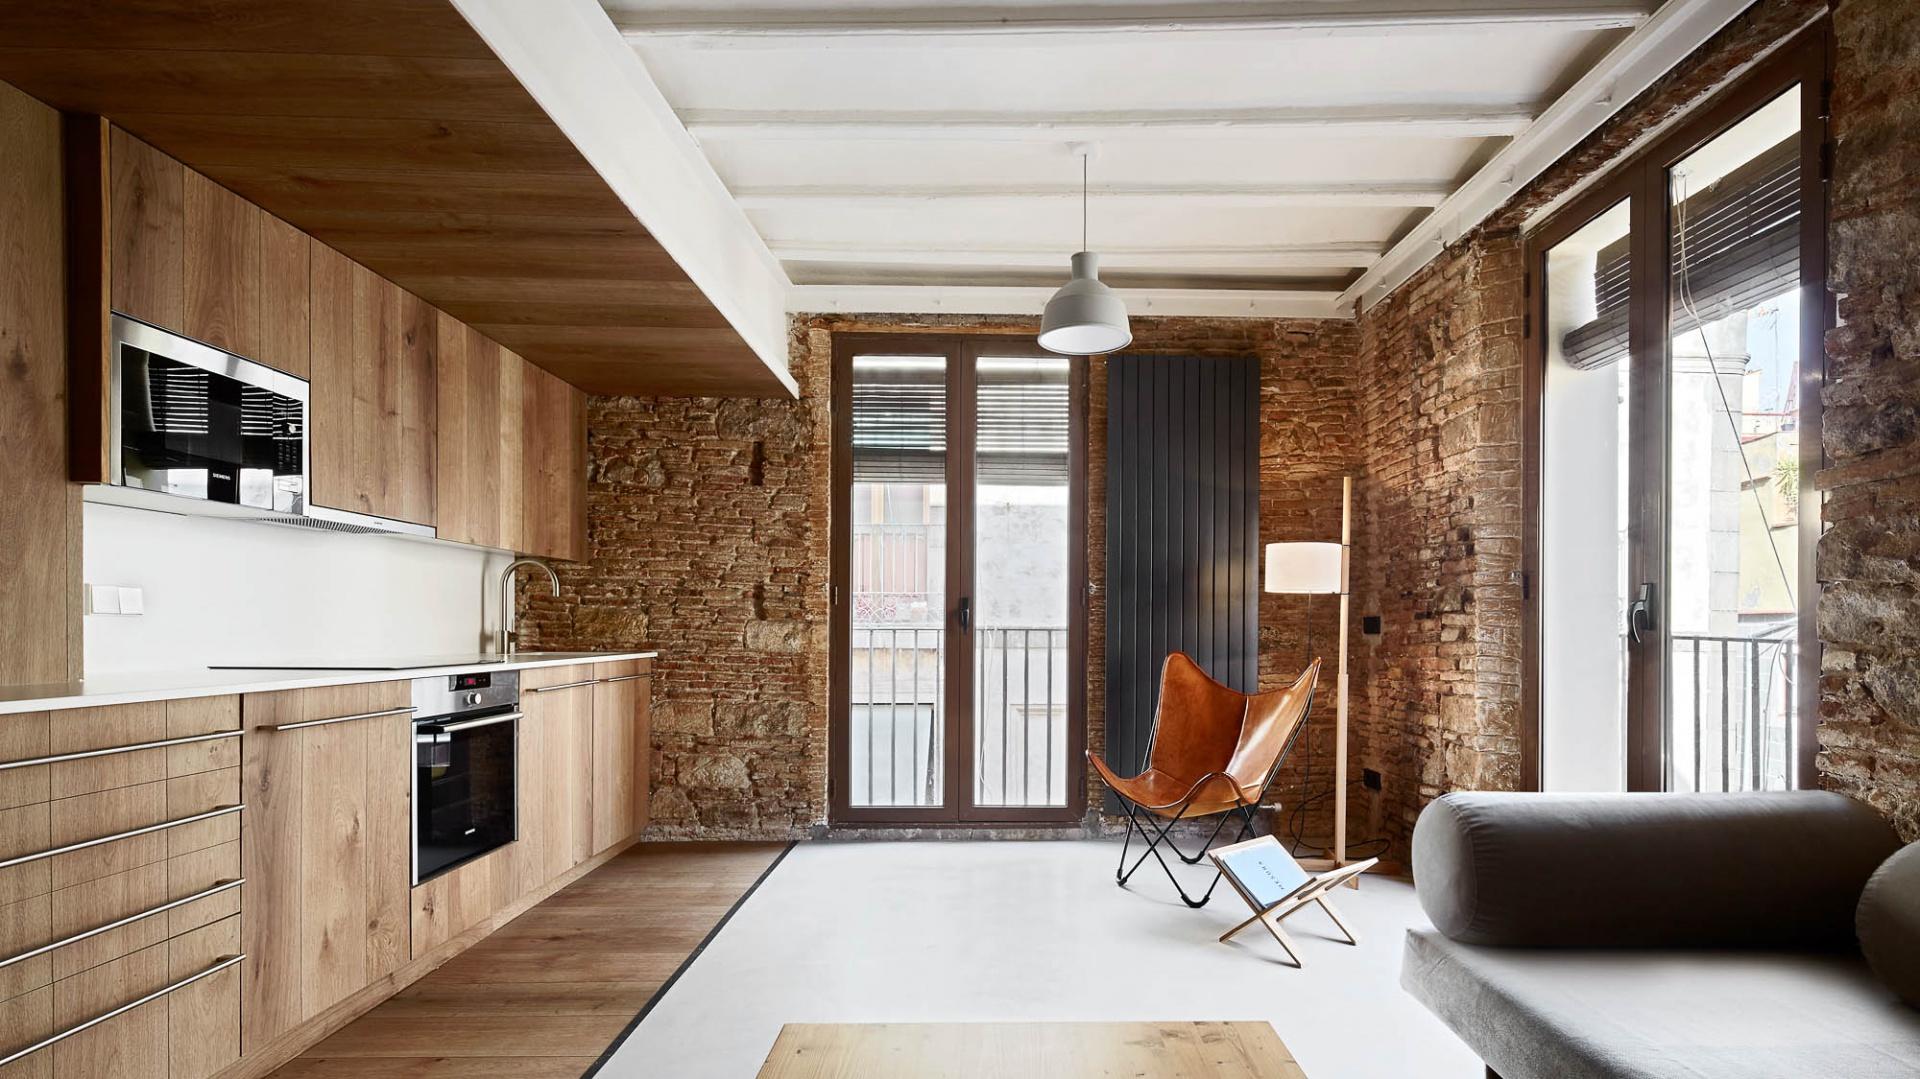 Apartamenty urządzono w przytulnym, rustykalnym stylu. Jednym z charakterystycznych elementów wystroju jest naturalny kamień na ścianach. Projekt: MESURA, Partners in Architecture. Fot. José Hevia.